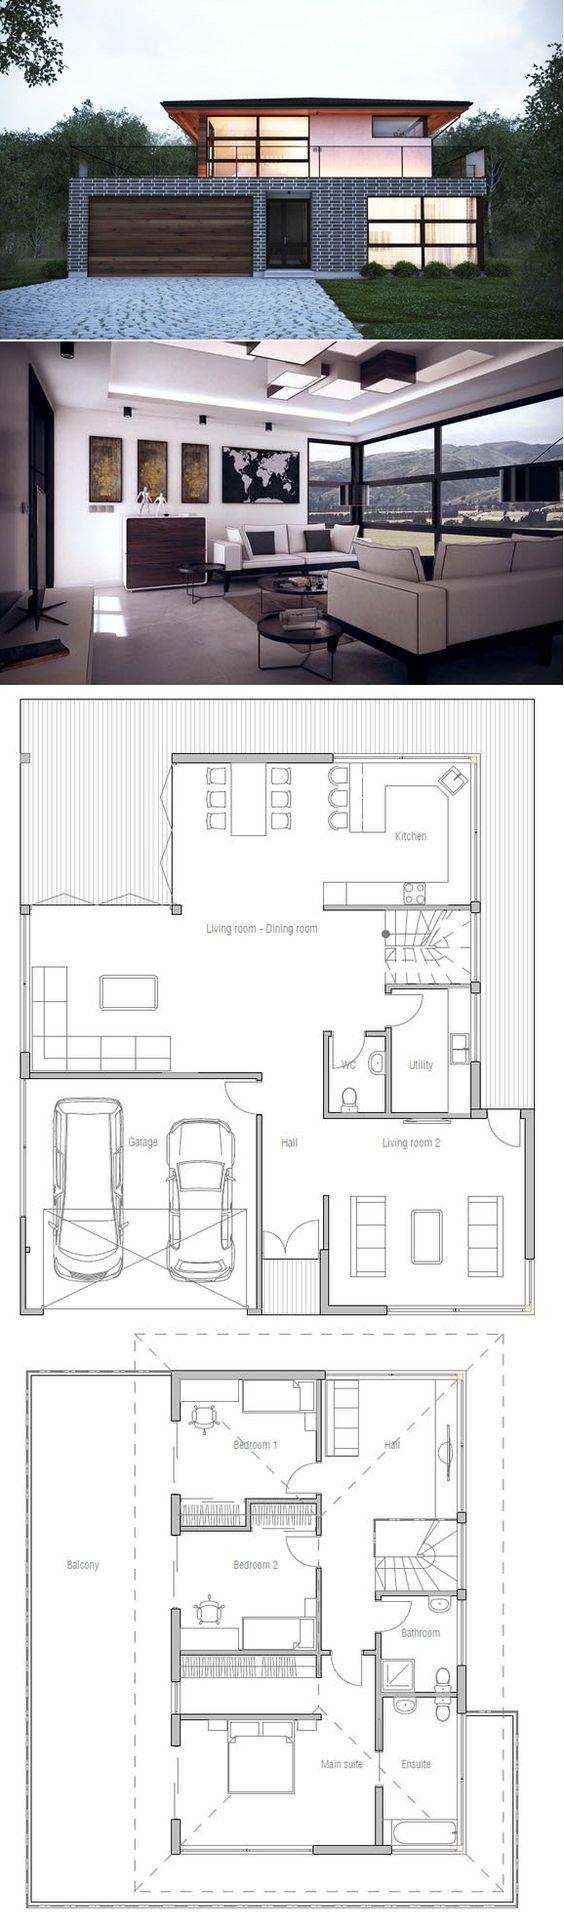 hausplan top 20 hauspl ne grundrisse pinterest musikzimmer haus und kleine h user. Black Bedroom Furniture Sets. Home Design Ideas